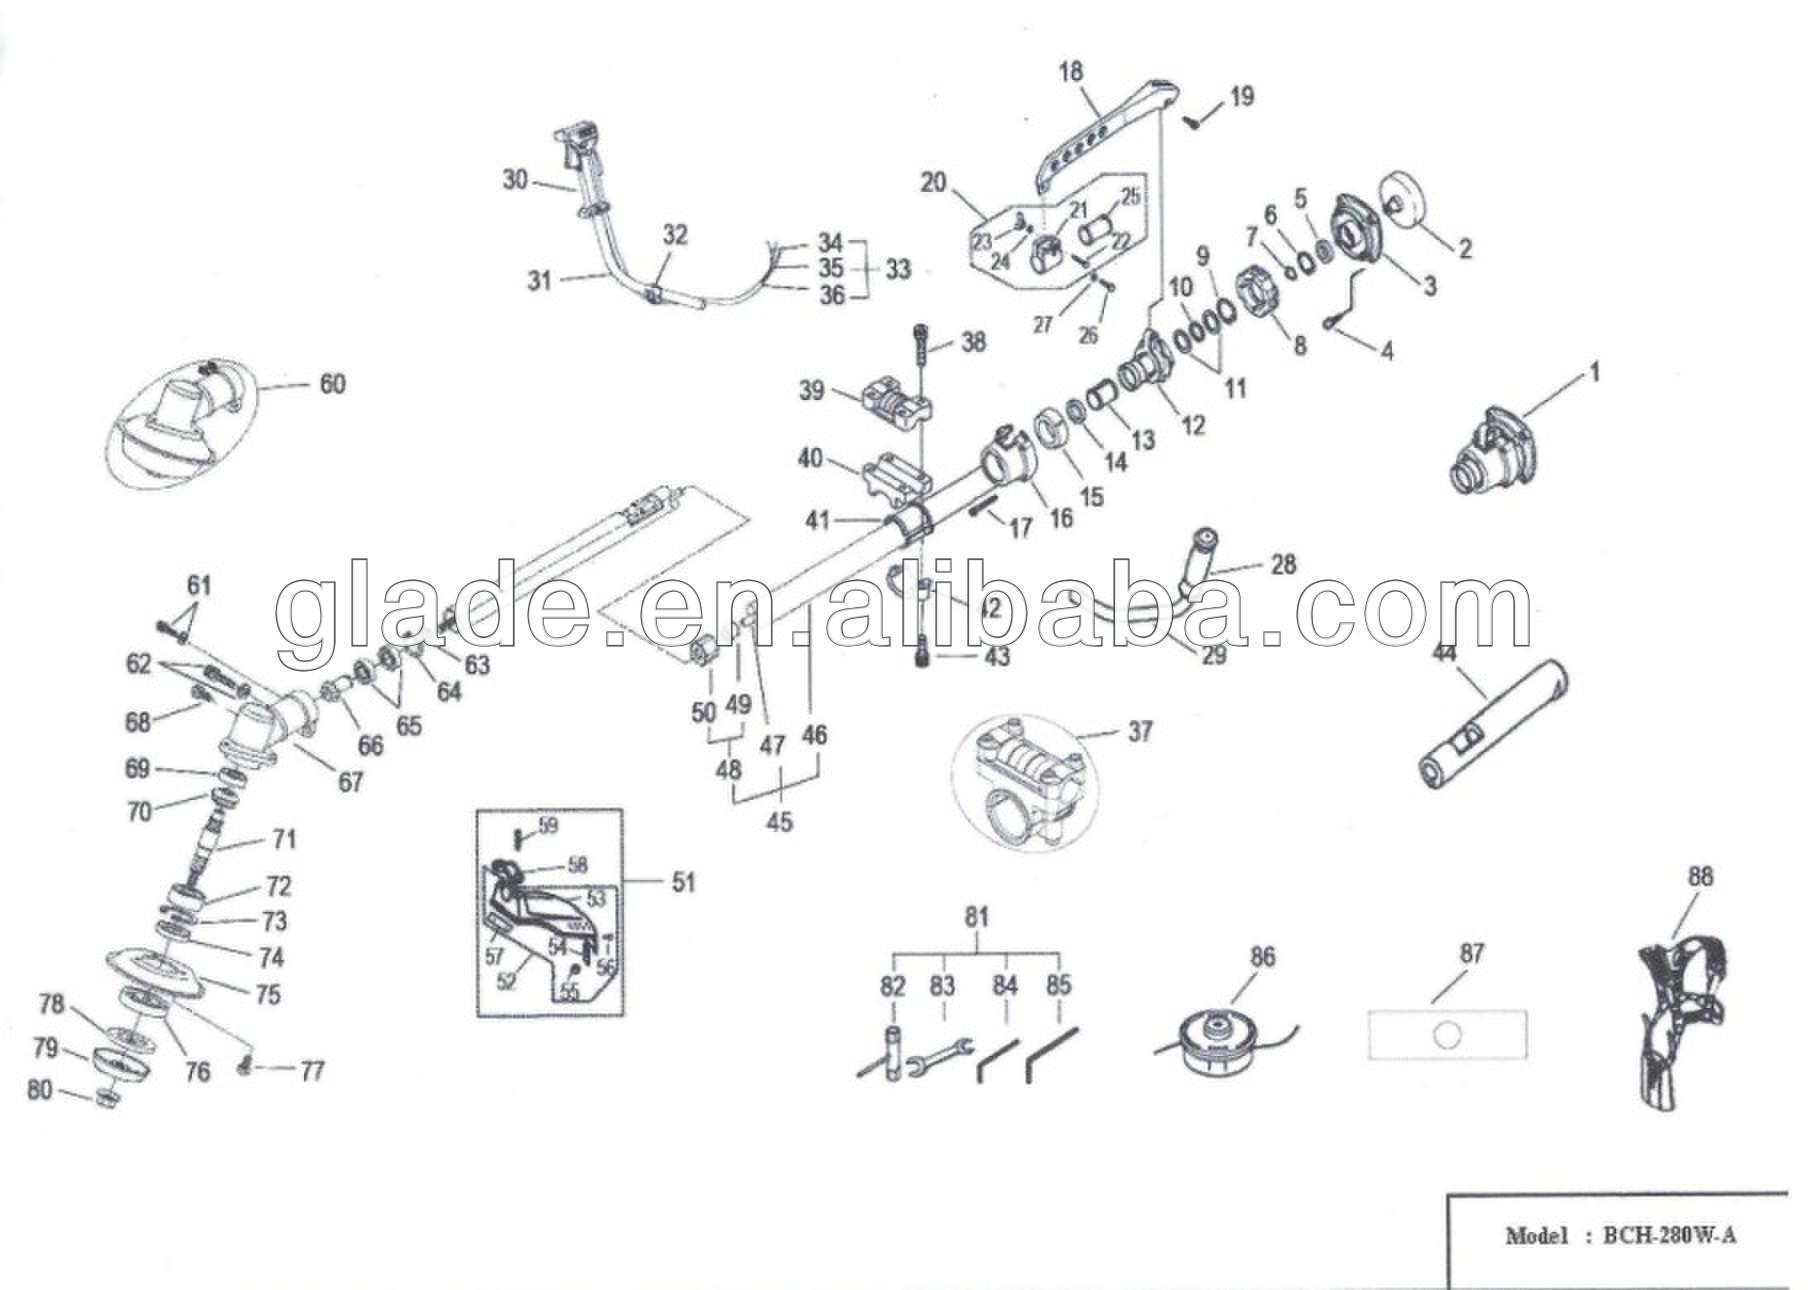 Honda Clone Wiring Smart Diagrams Chinese Engine Diagram Gc160 Repair Manual Imageresizertool Com Performance Parts